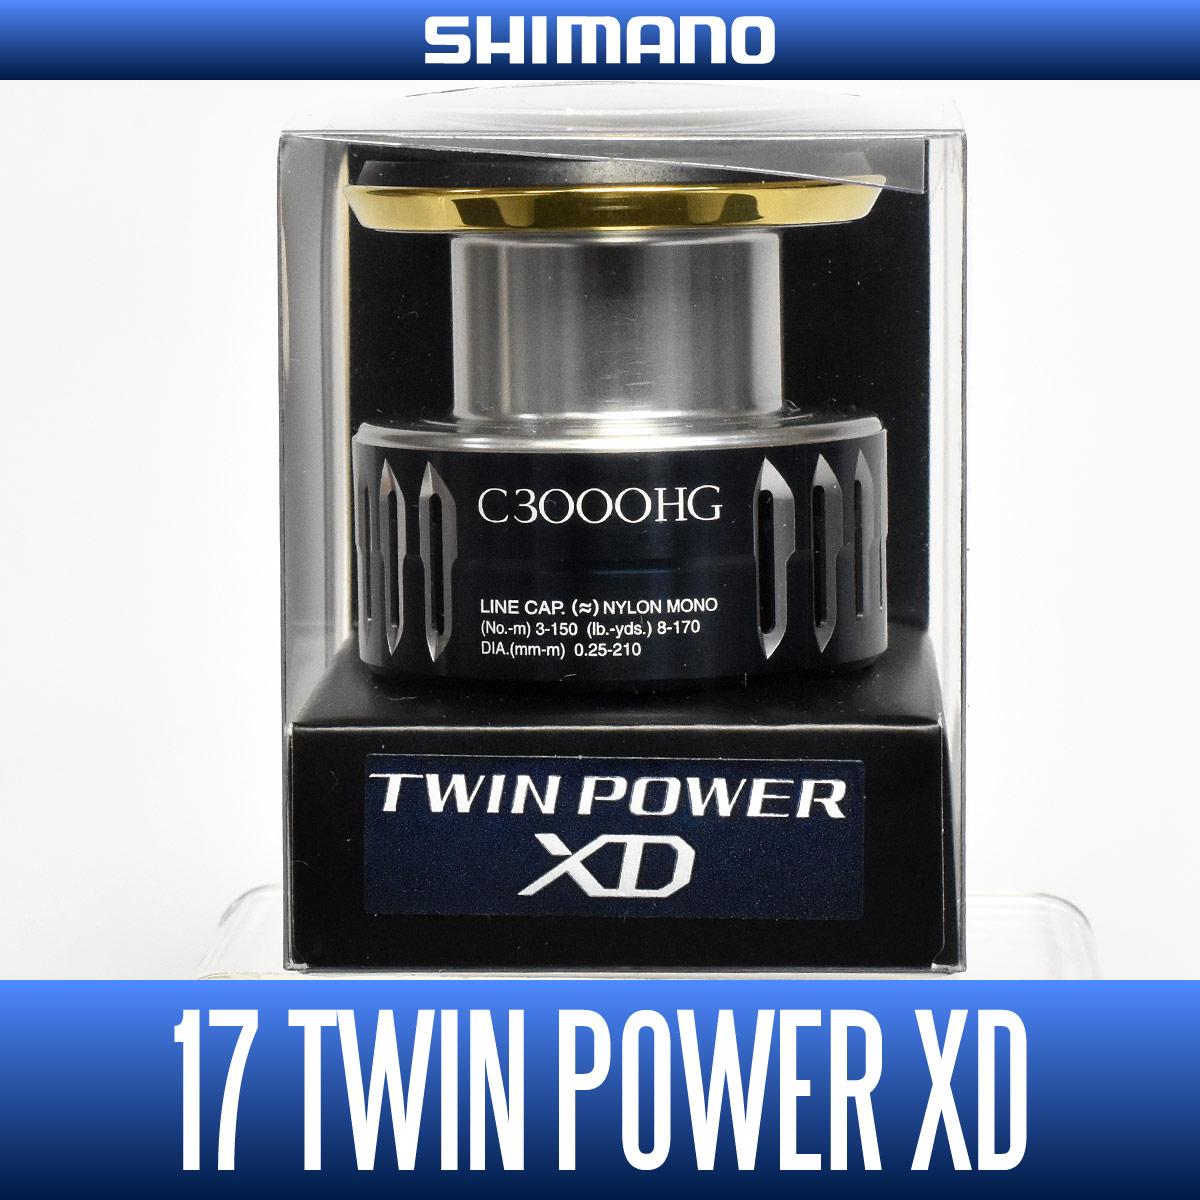 【シマノ純正】 17ツインパワーXD C3000HG番クラス スペアスプール